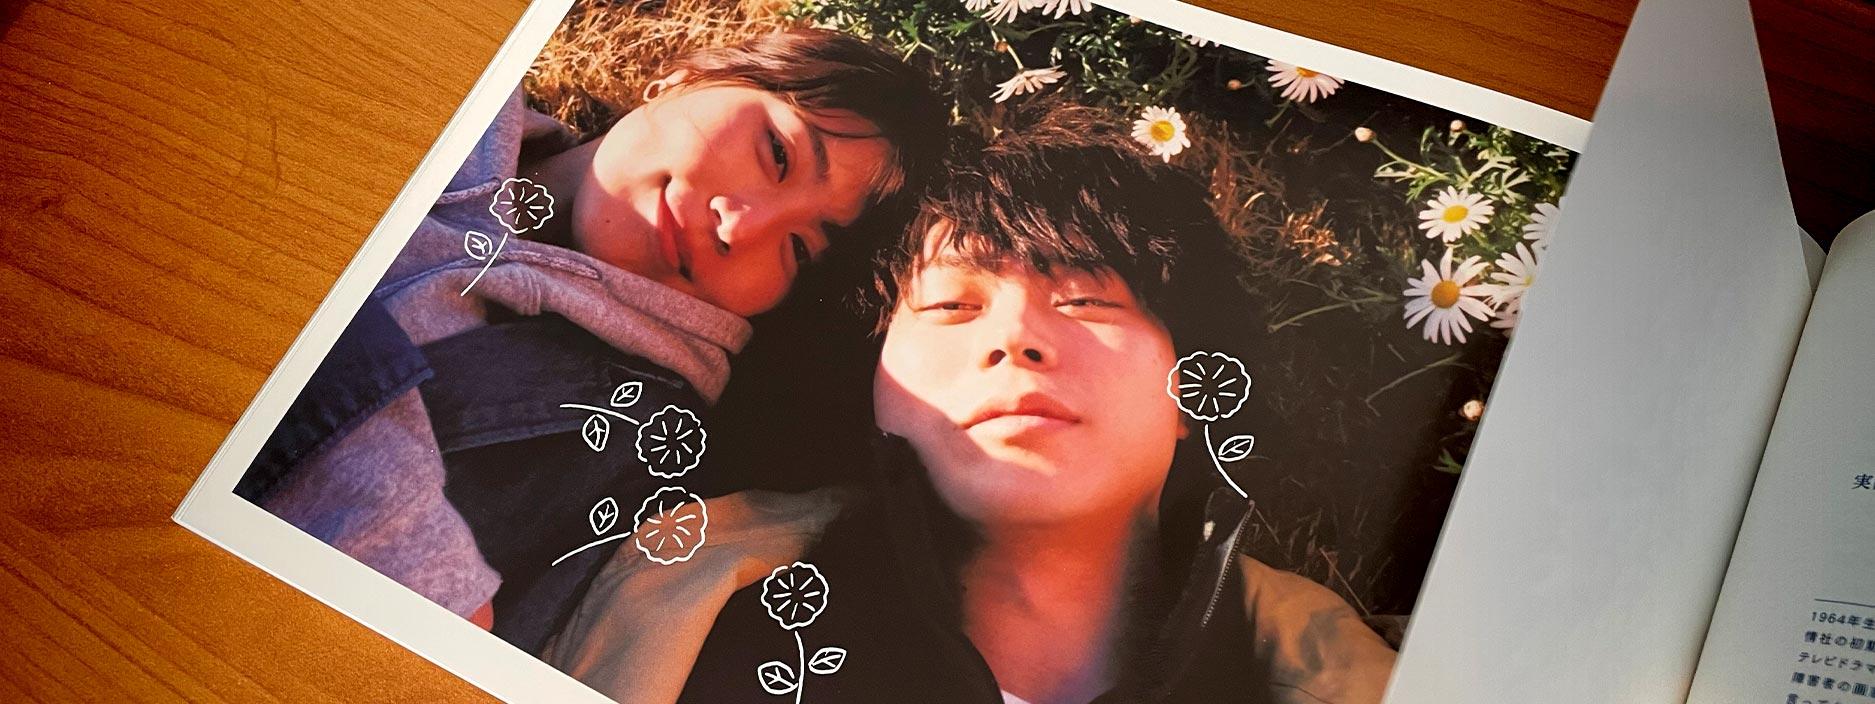 鑑賞会・映画『花束 みたいな恋をした』で青春の恋愛を語る(前編)